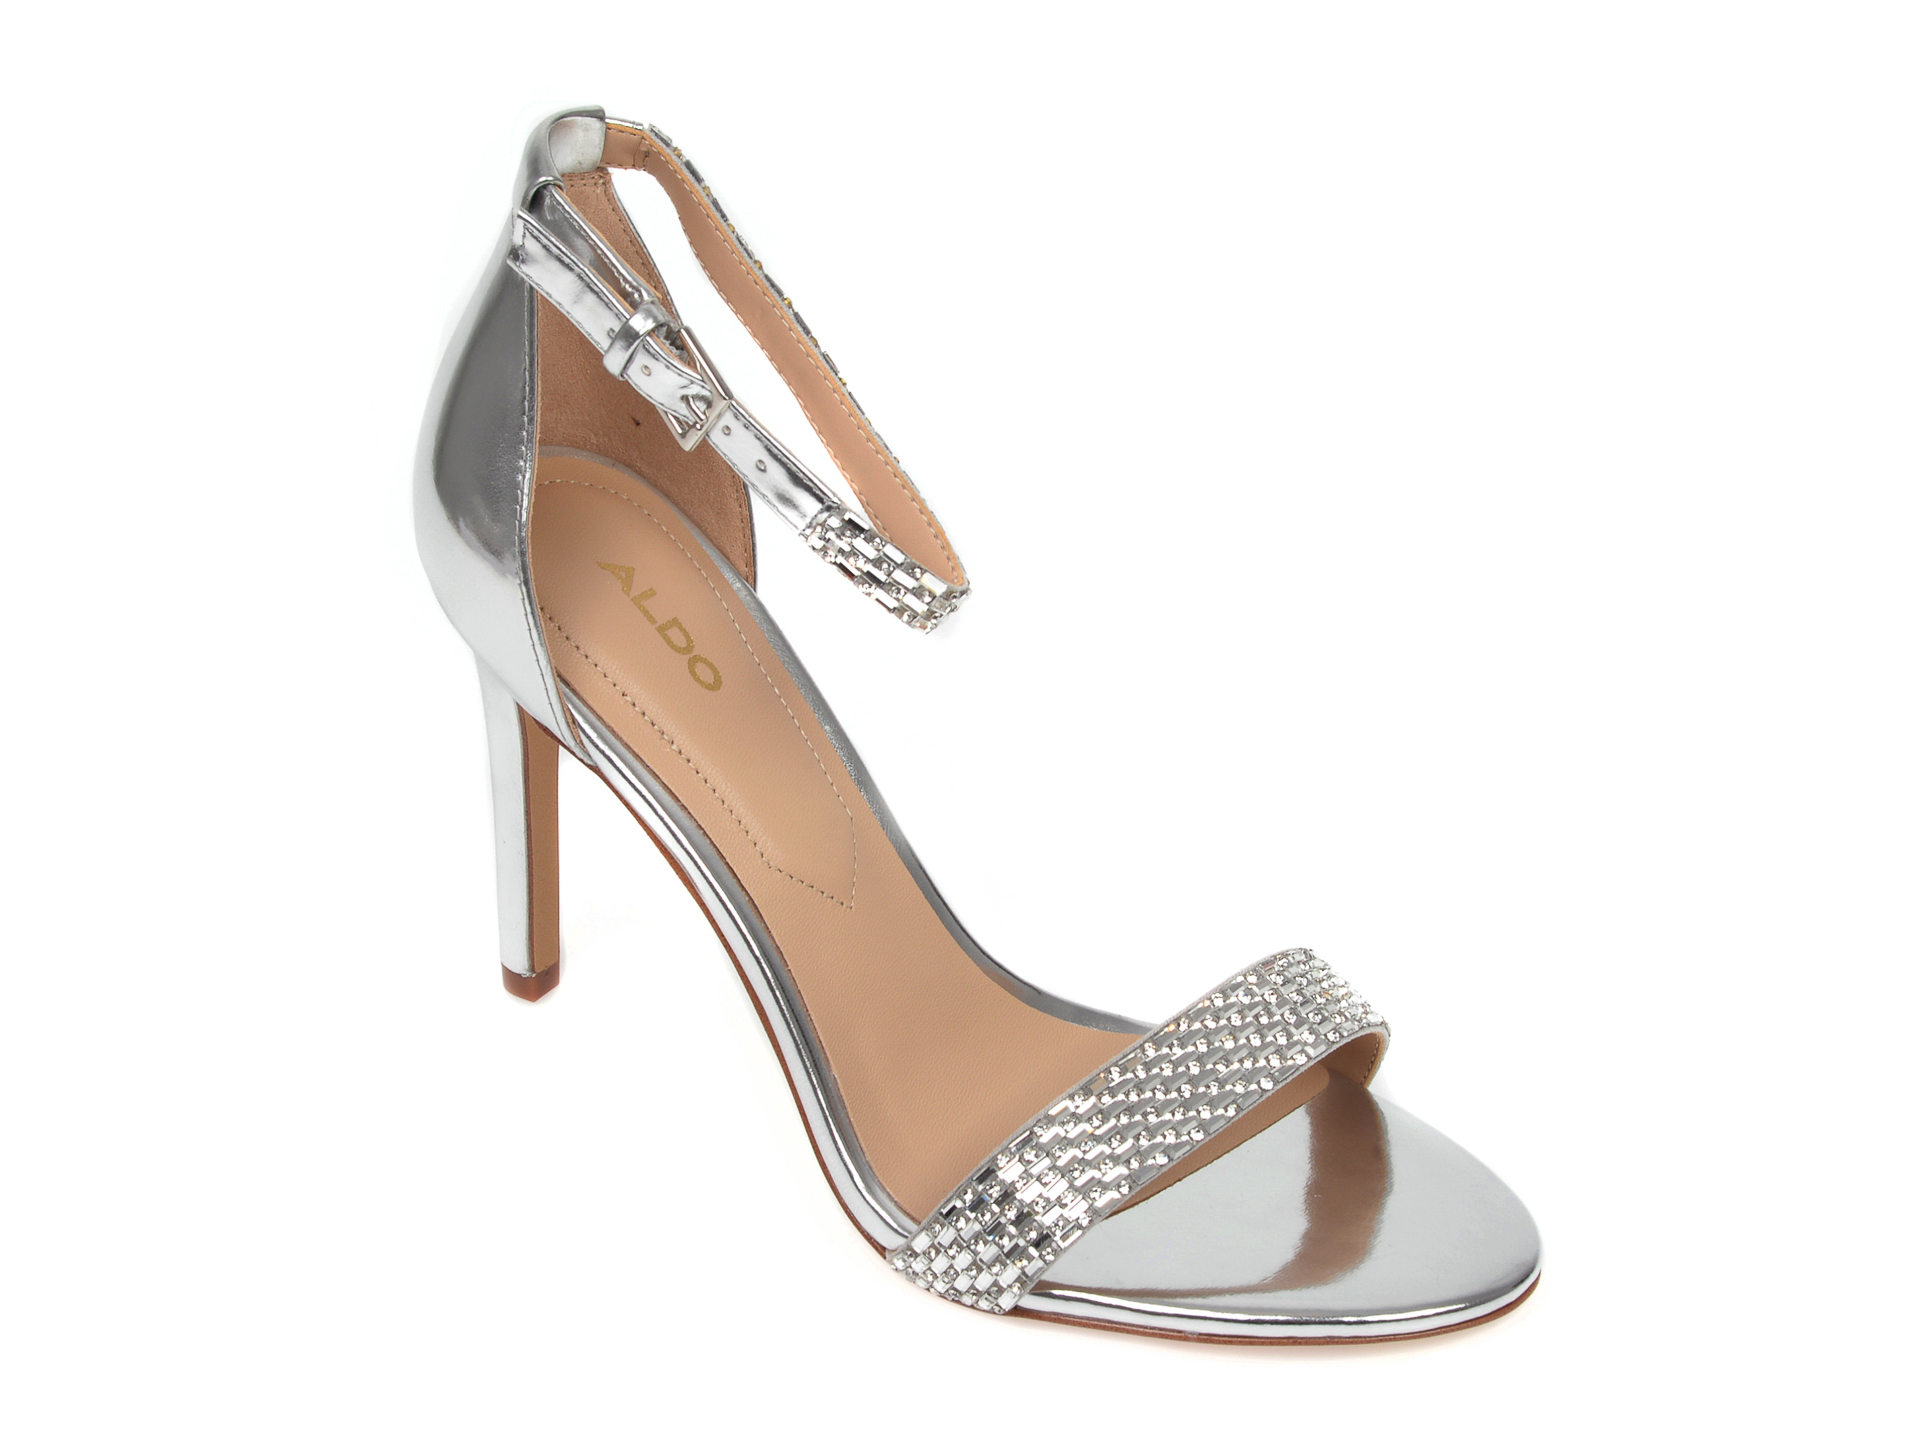 Sandale ALDO argintii, Prommy040, din piele ecologica